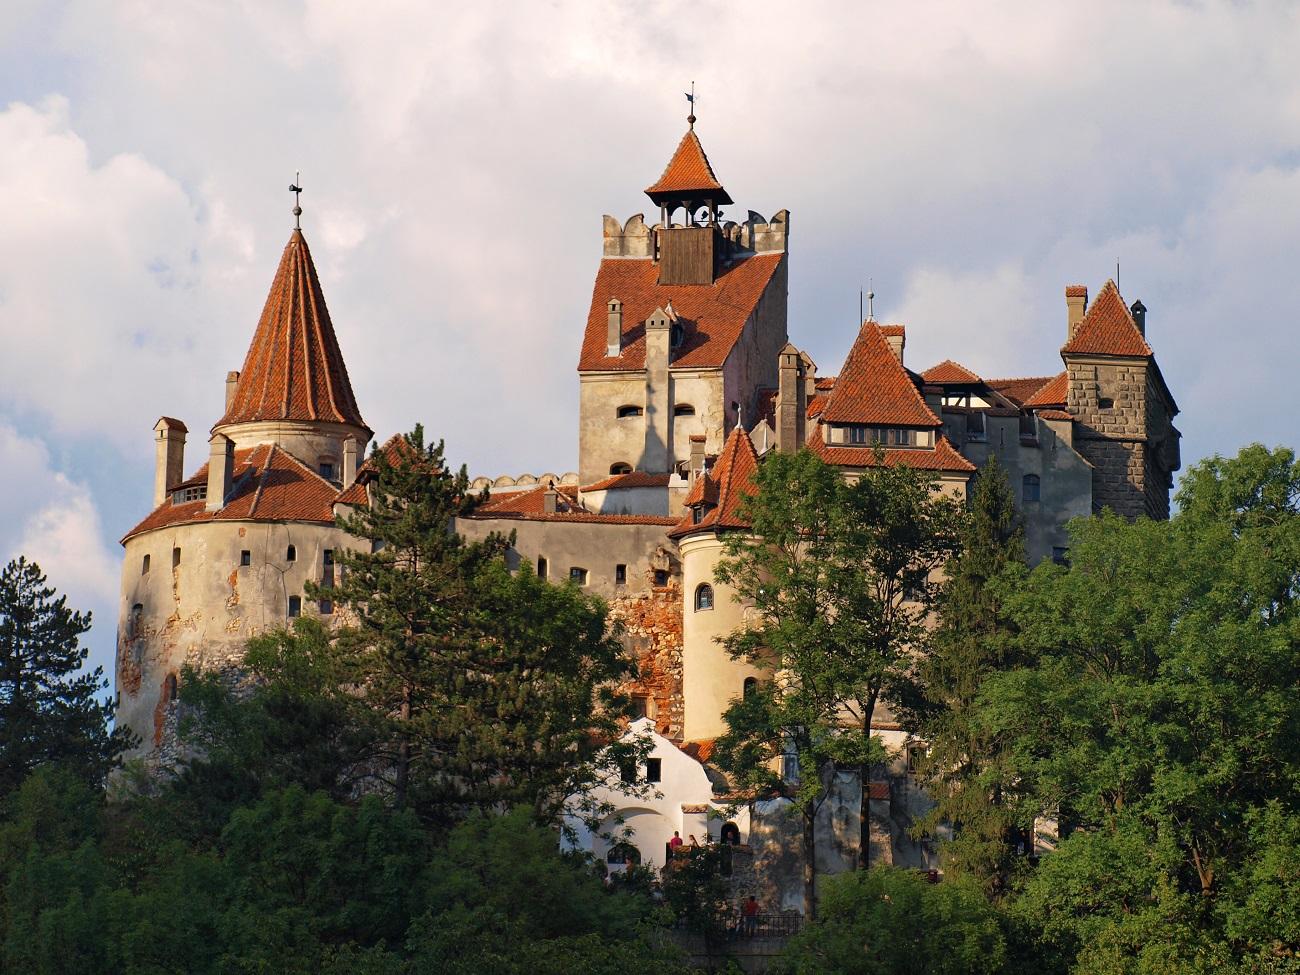 В тур за вакциною. Як зробити щеплення в Румунії та отримати COVID-паспорт ЄС: досвід українки